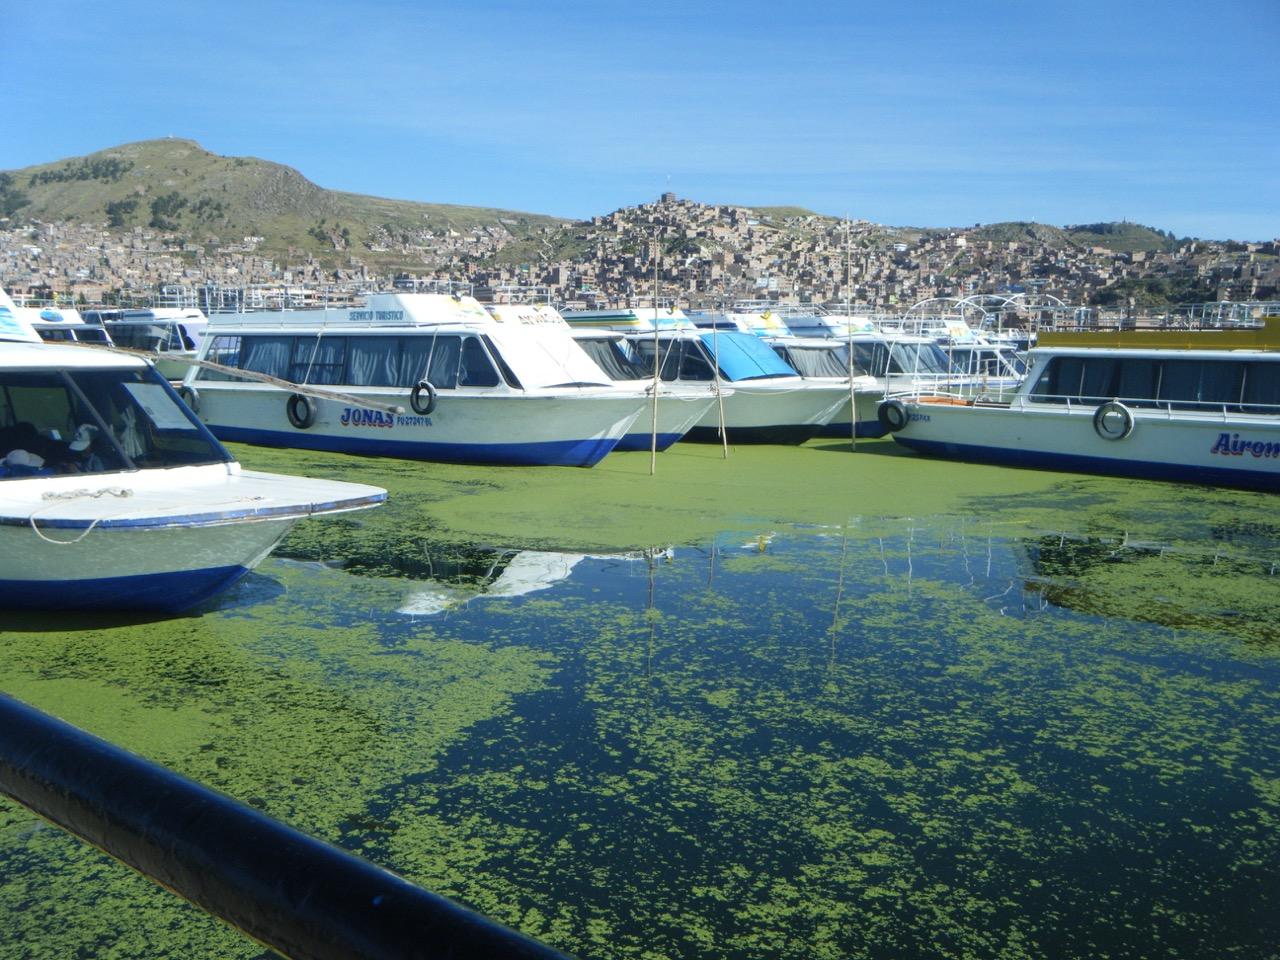 Lake Titikaka